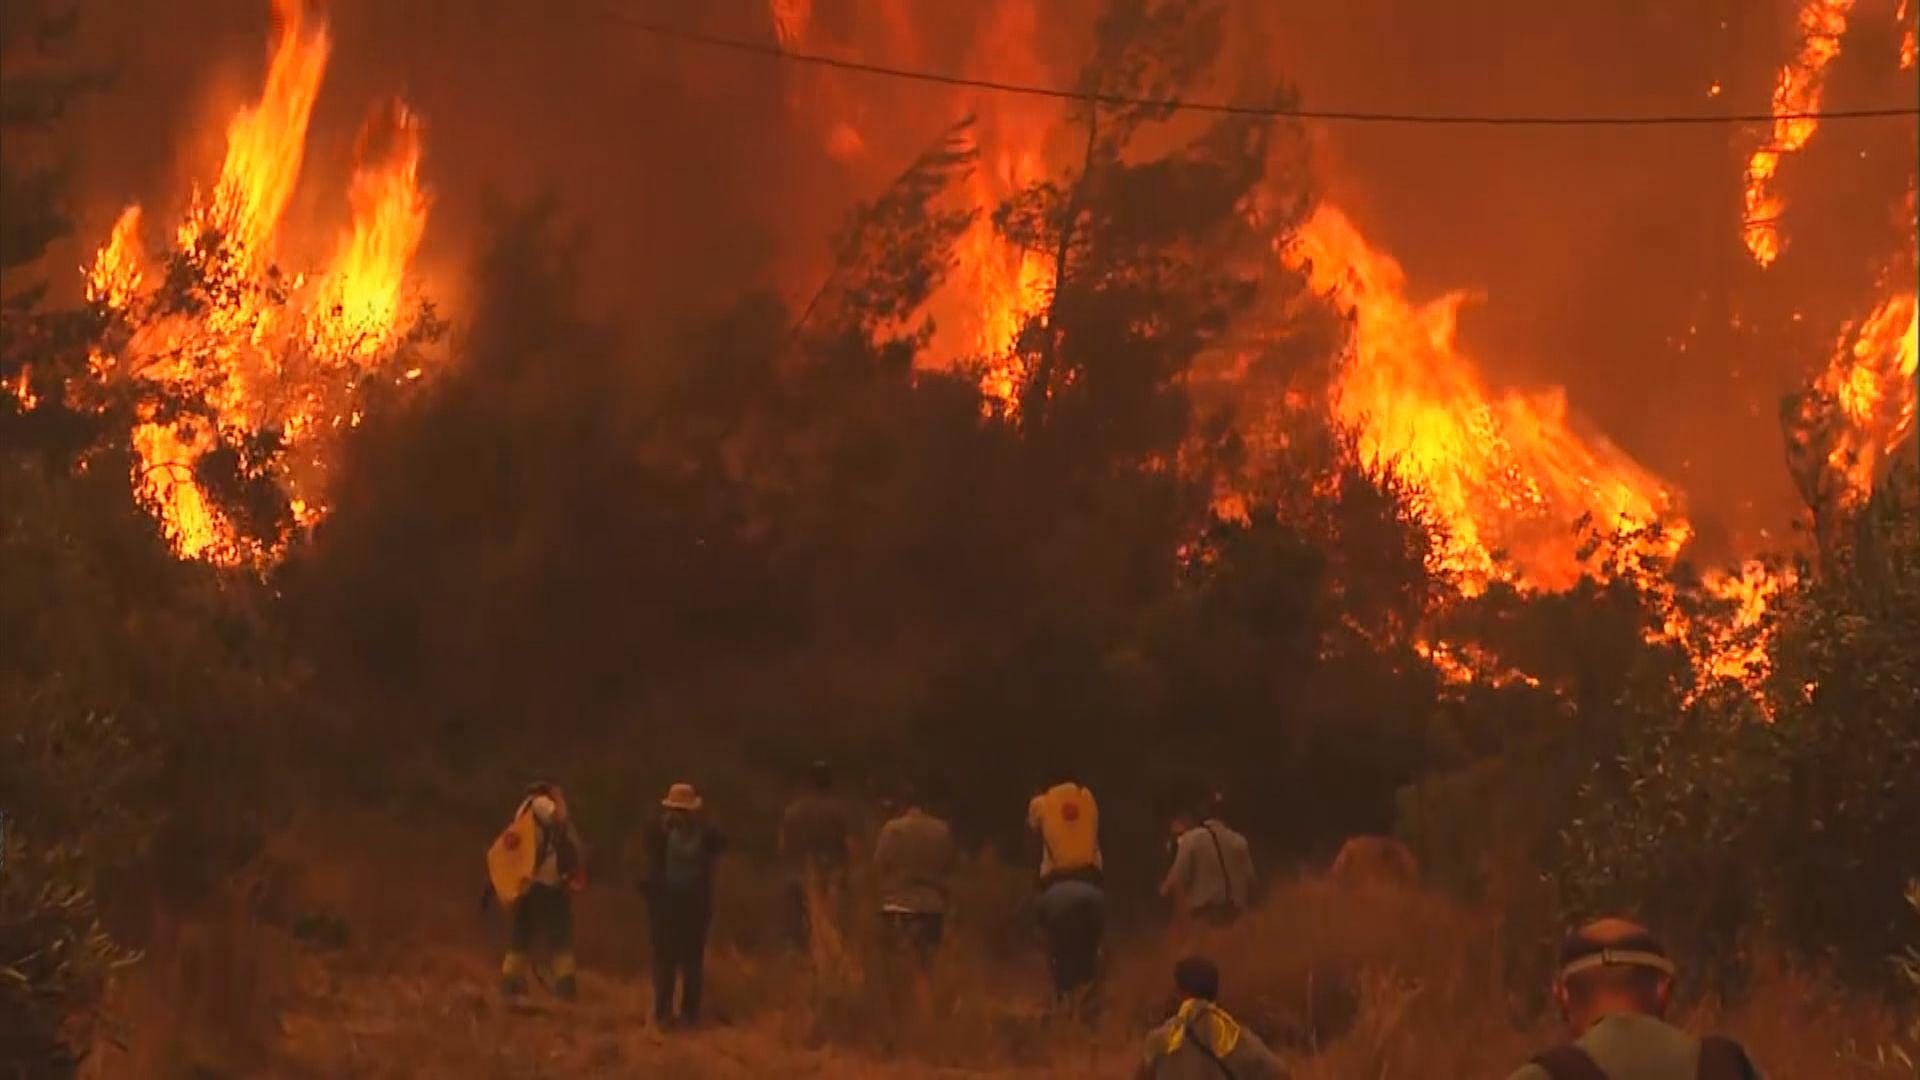 希臘山火失控埃維亞島數千居民需要撤離